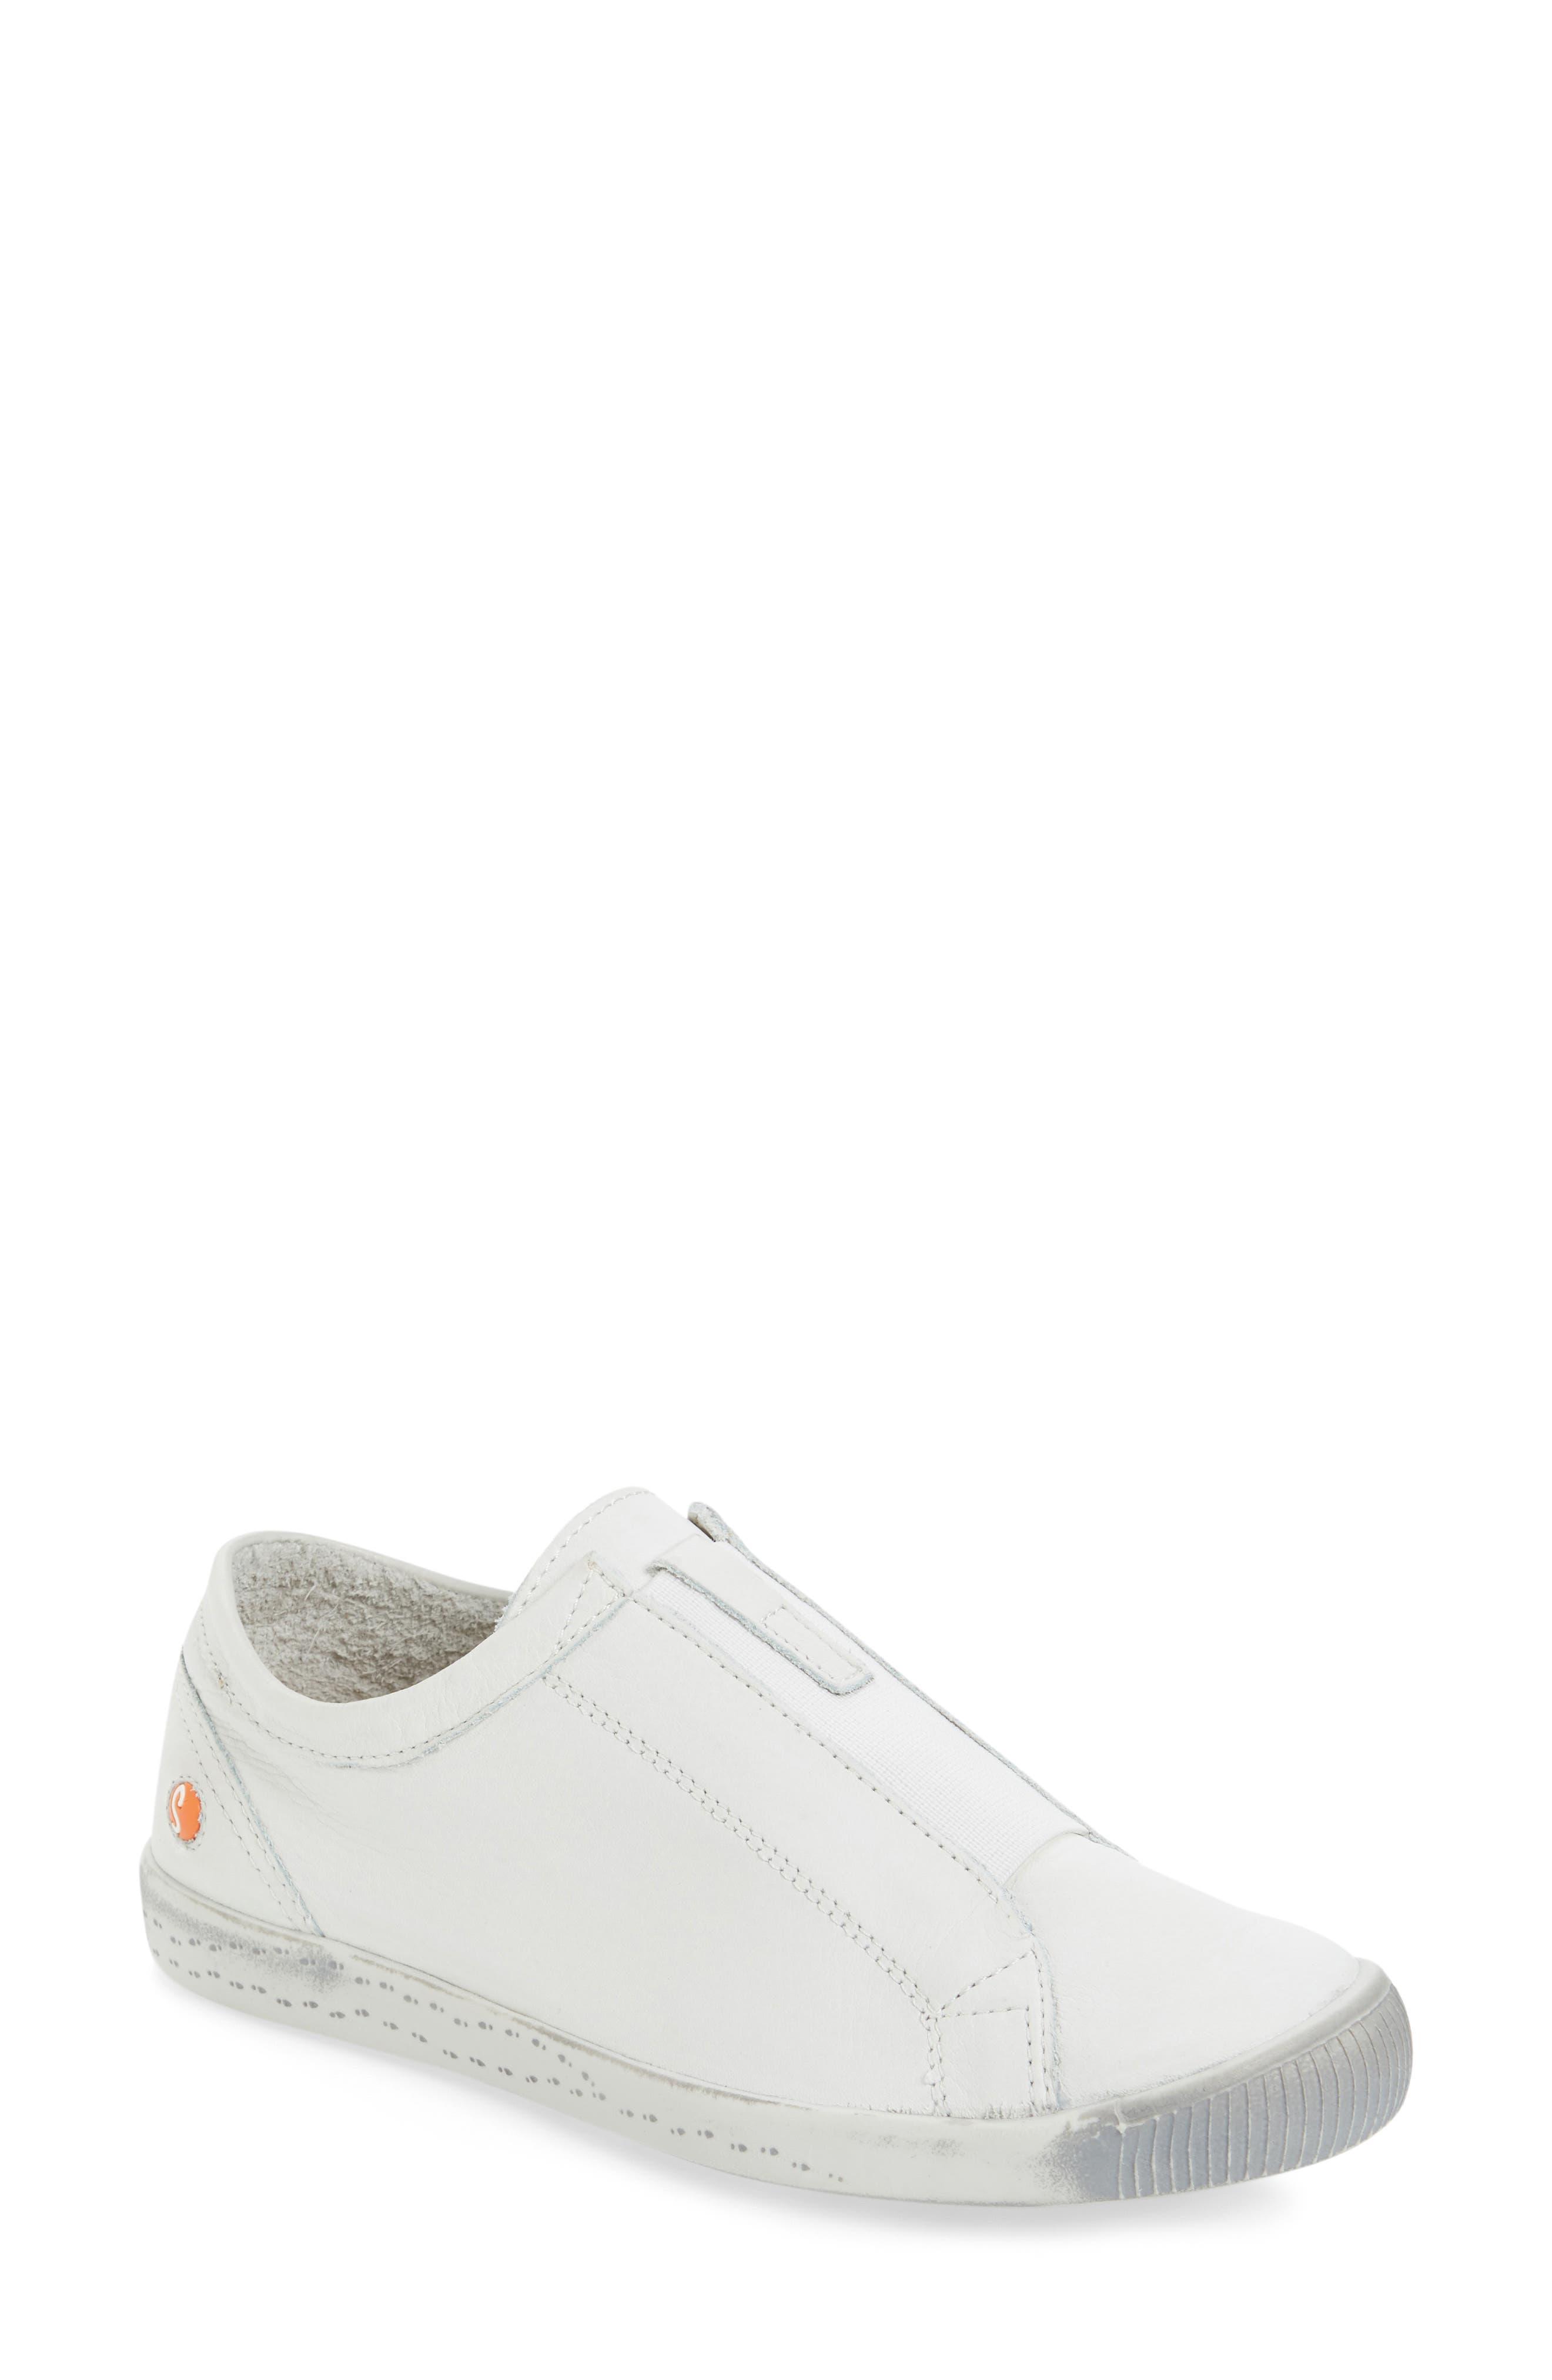 Softinos by Fly London Ilo Slip-On Sneaker (Women)